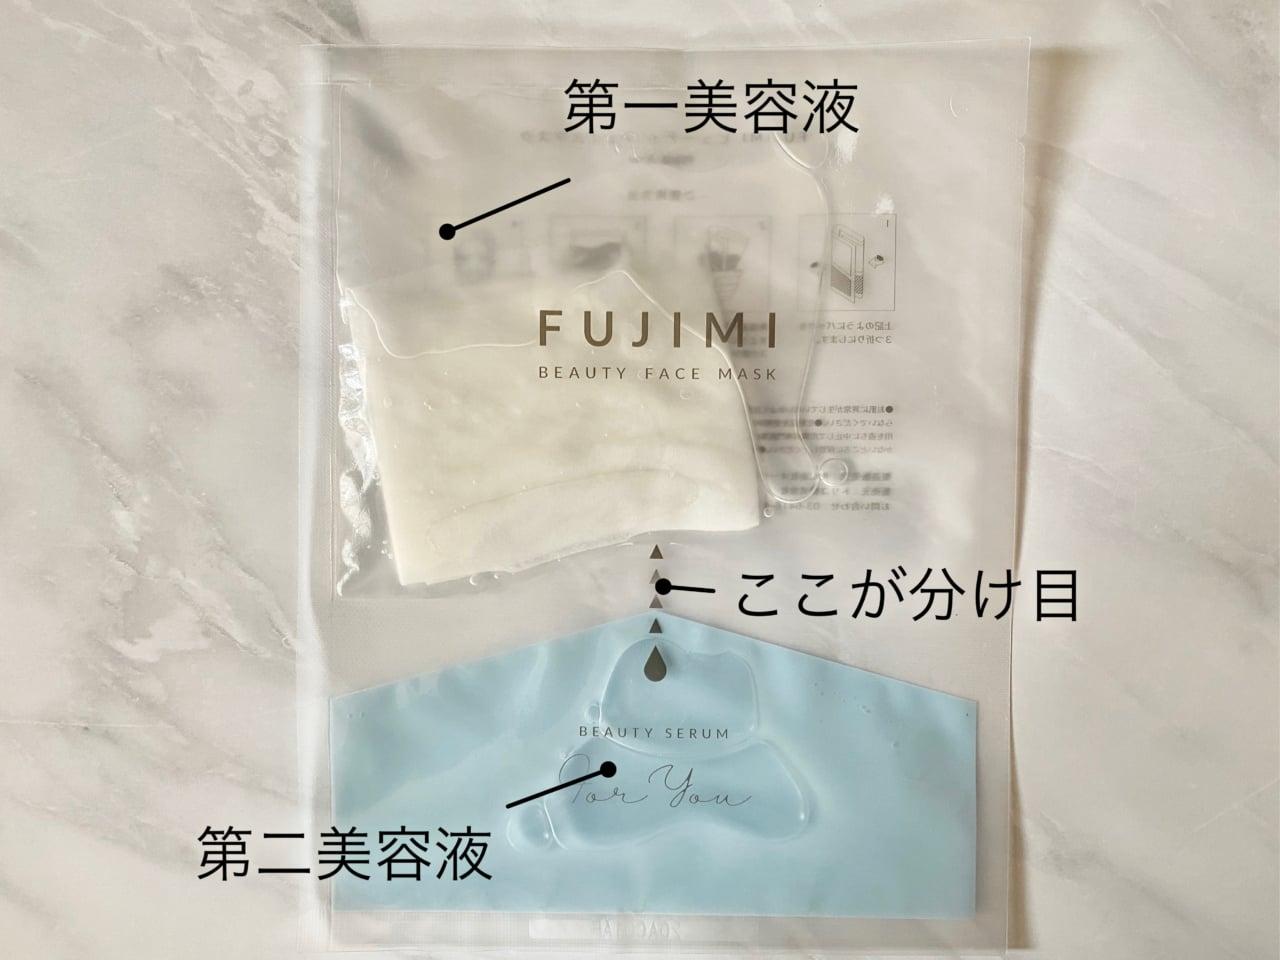 FUJIMIhowtouse2